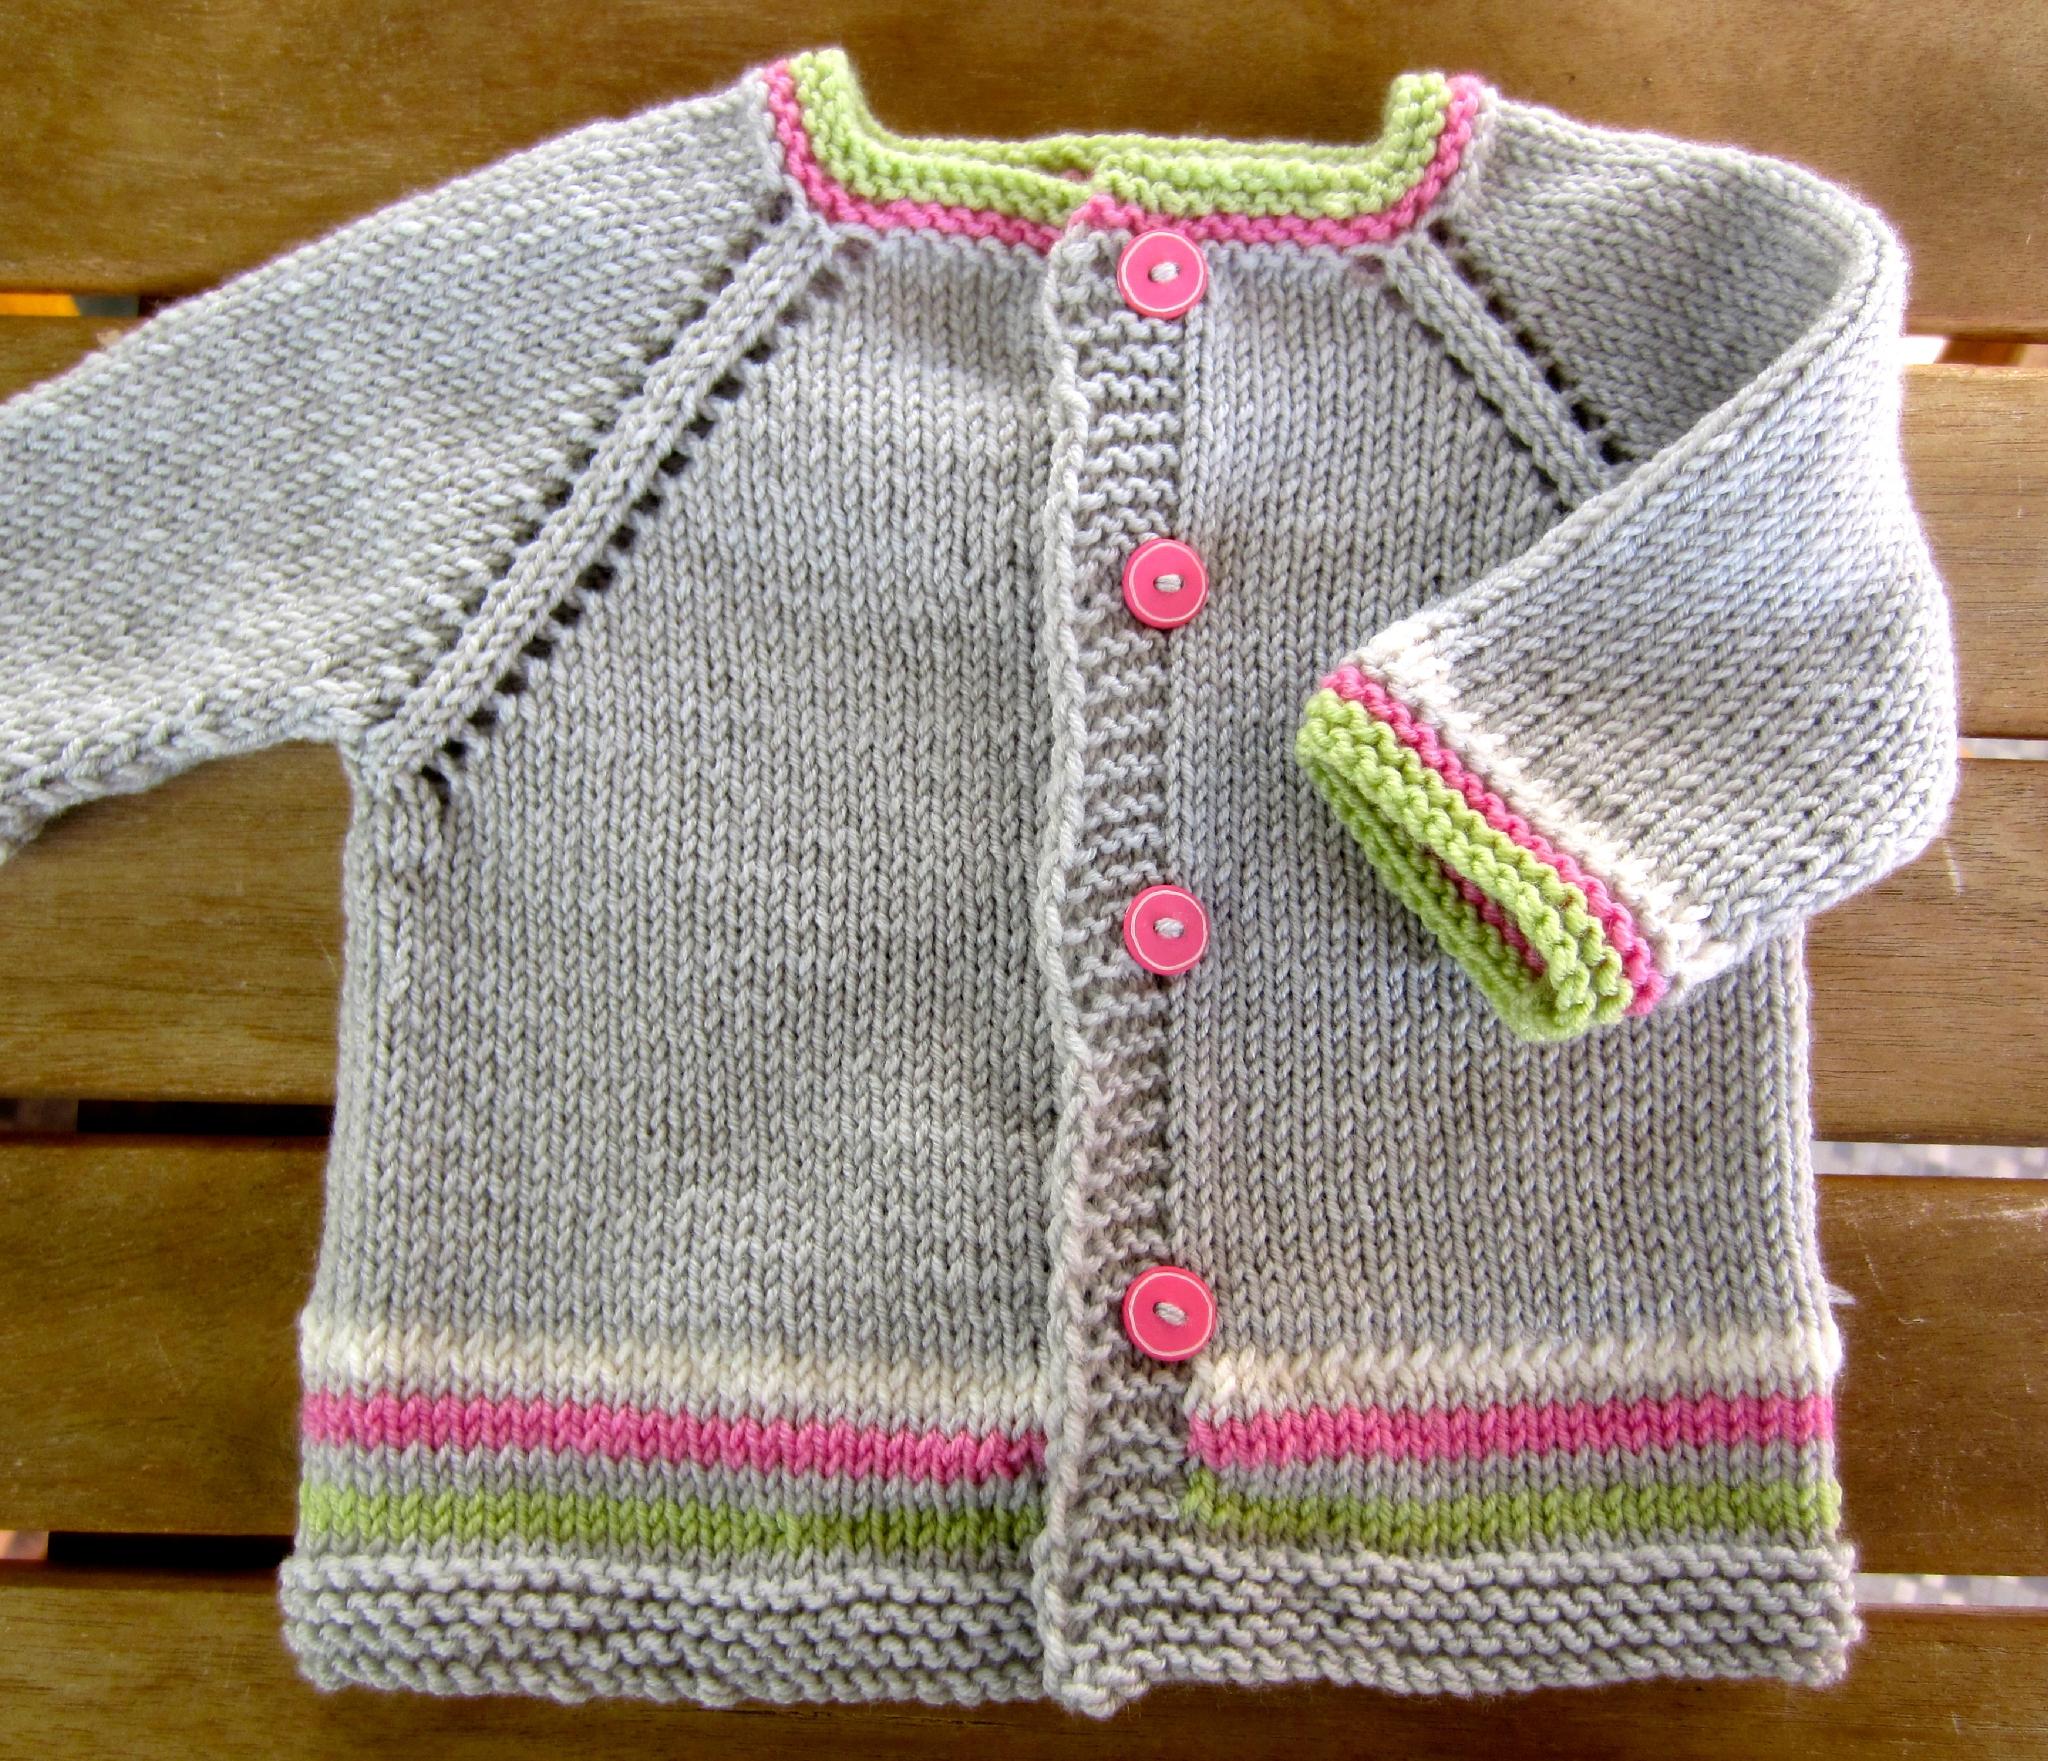 Tricoter raglan - Idées de tricot gratuit a194b0bb5d16